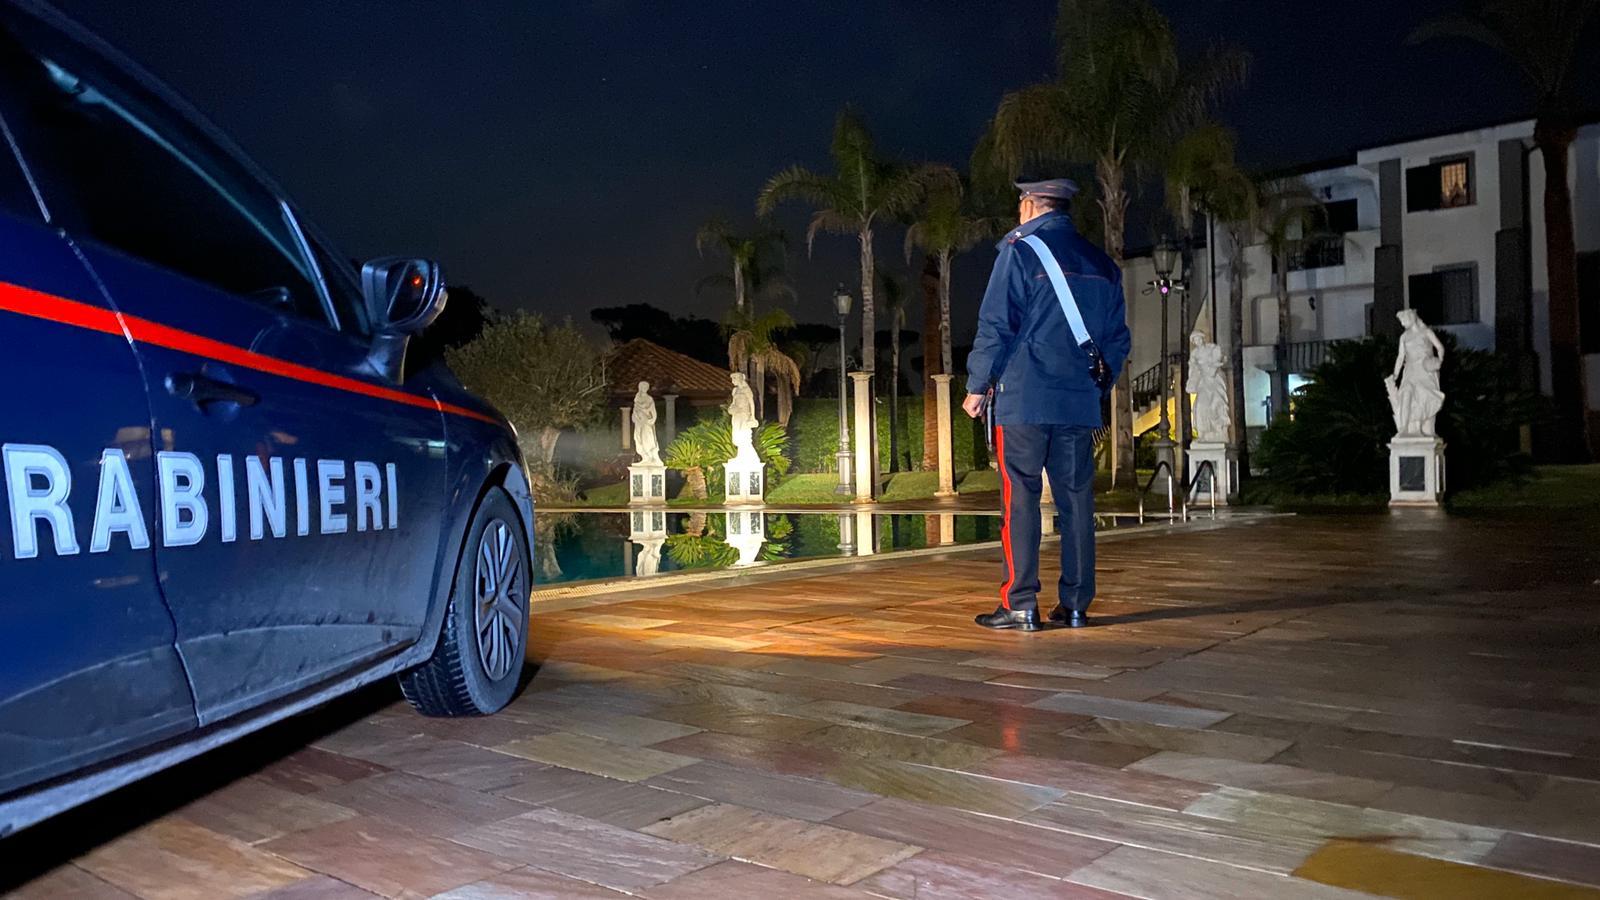 Carabinieri smantellano una  associazione per delinquere facente capo ad un ex componente della Banda della Magliana